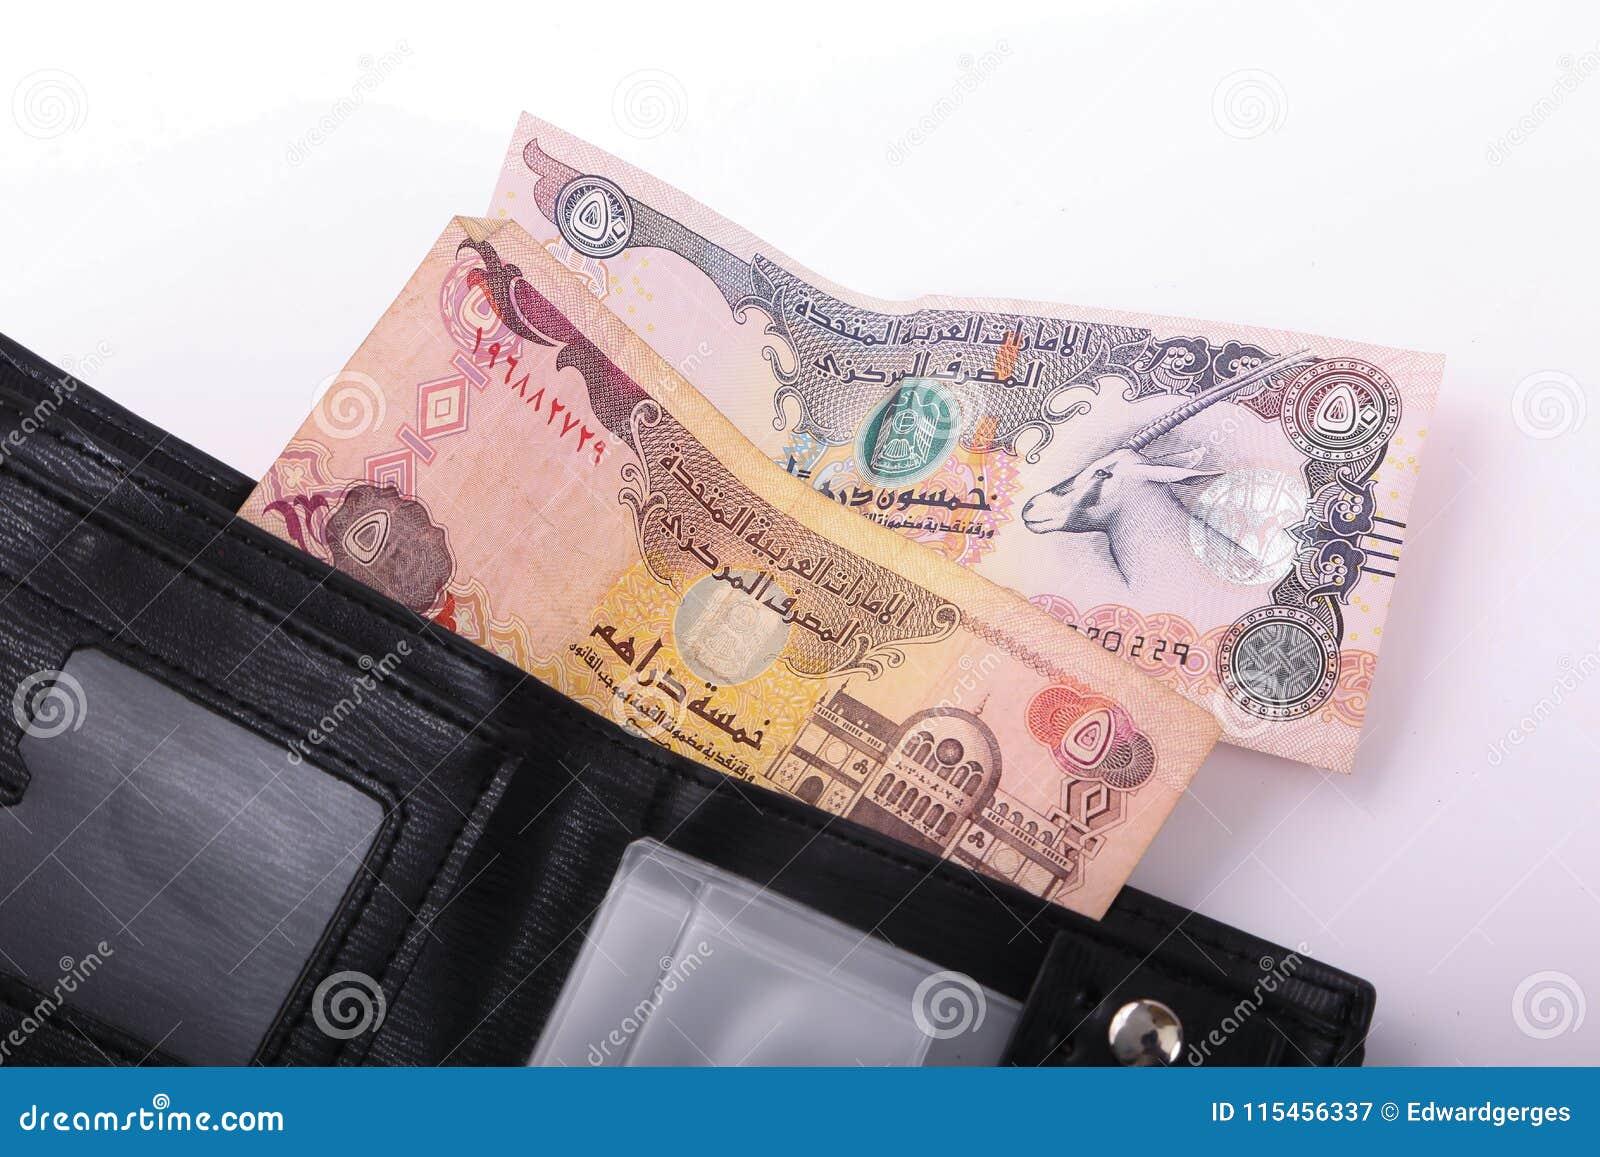 Geldbörse mit Emirat-Dirham